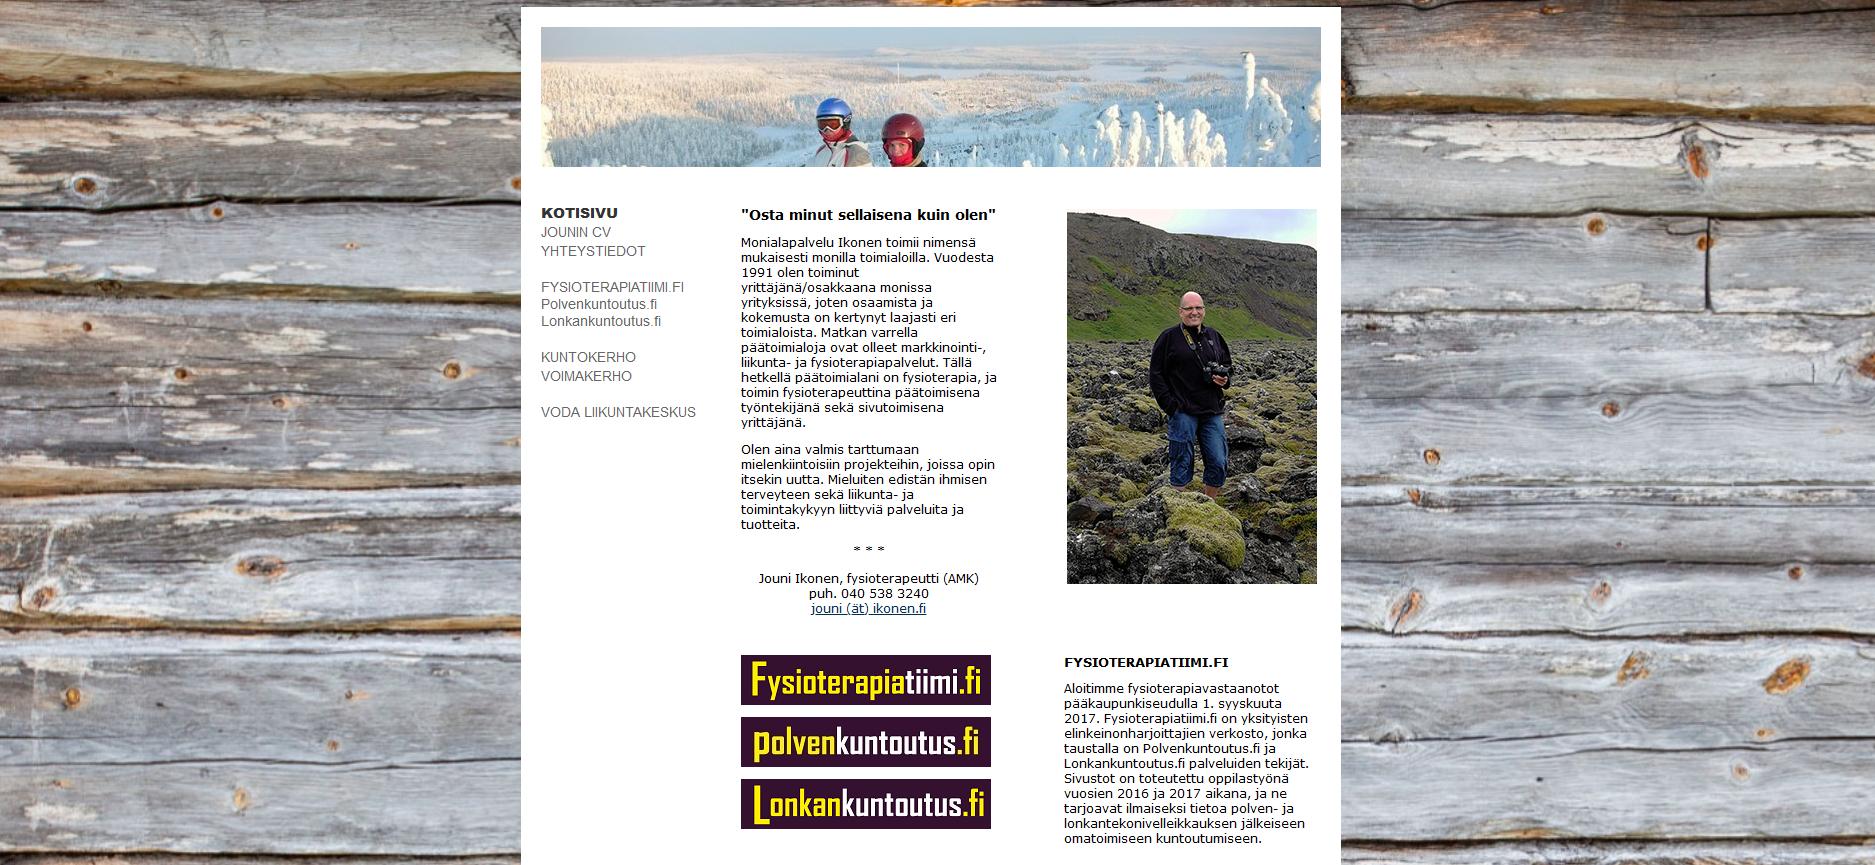 Uudet ikonen.fi-kotisivut julkaistu